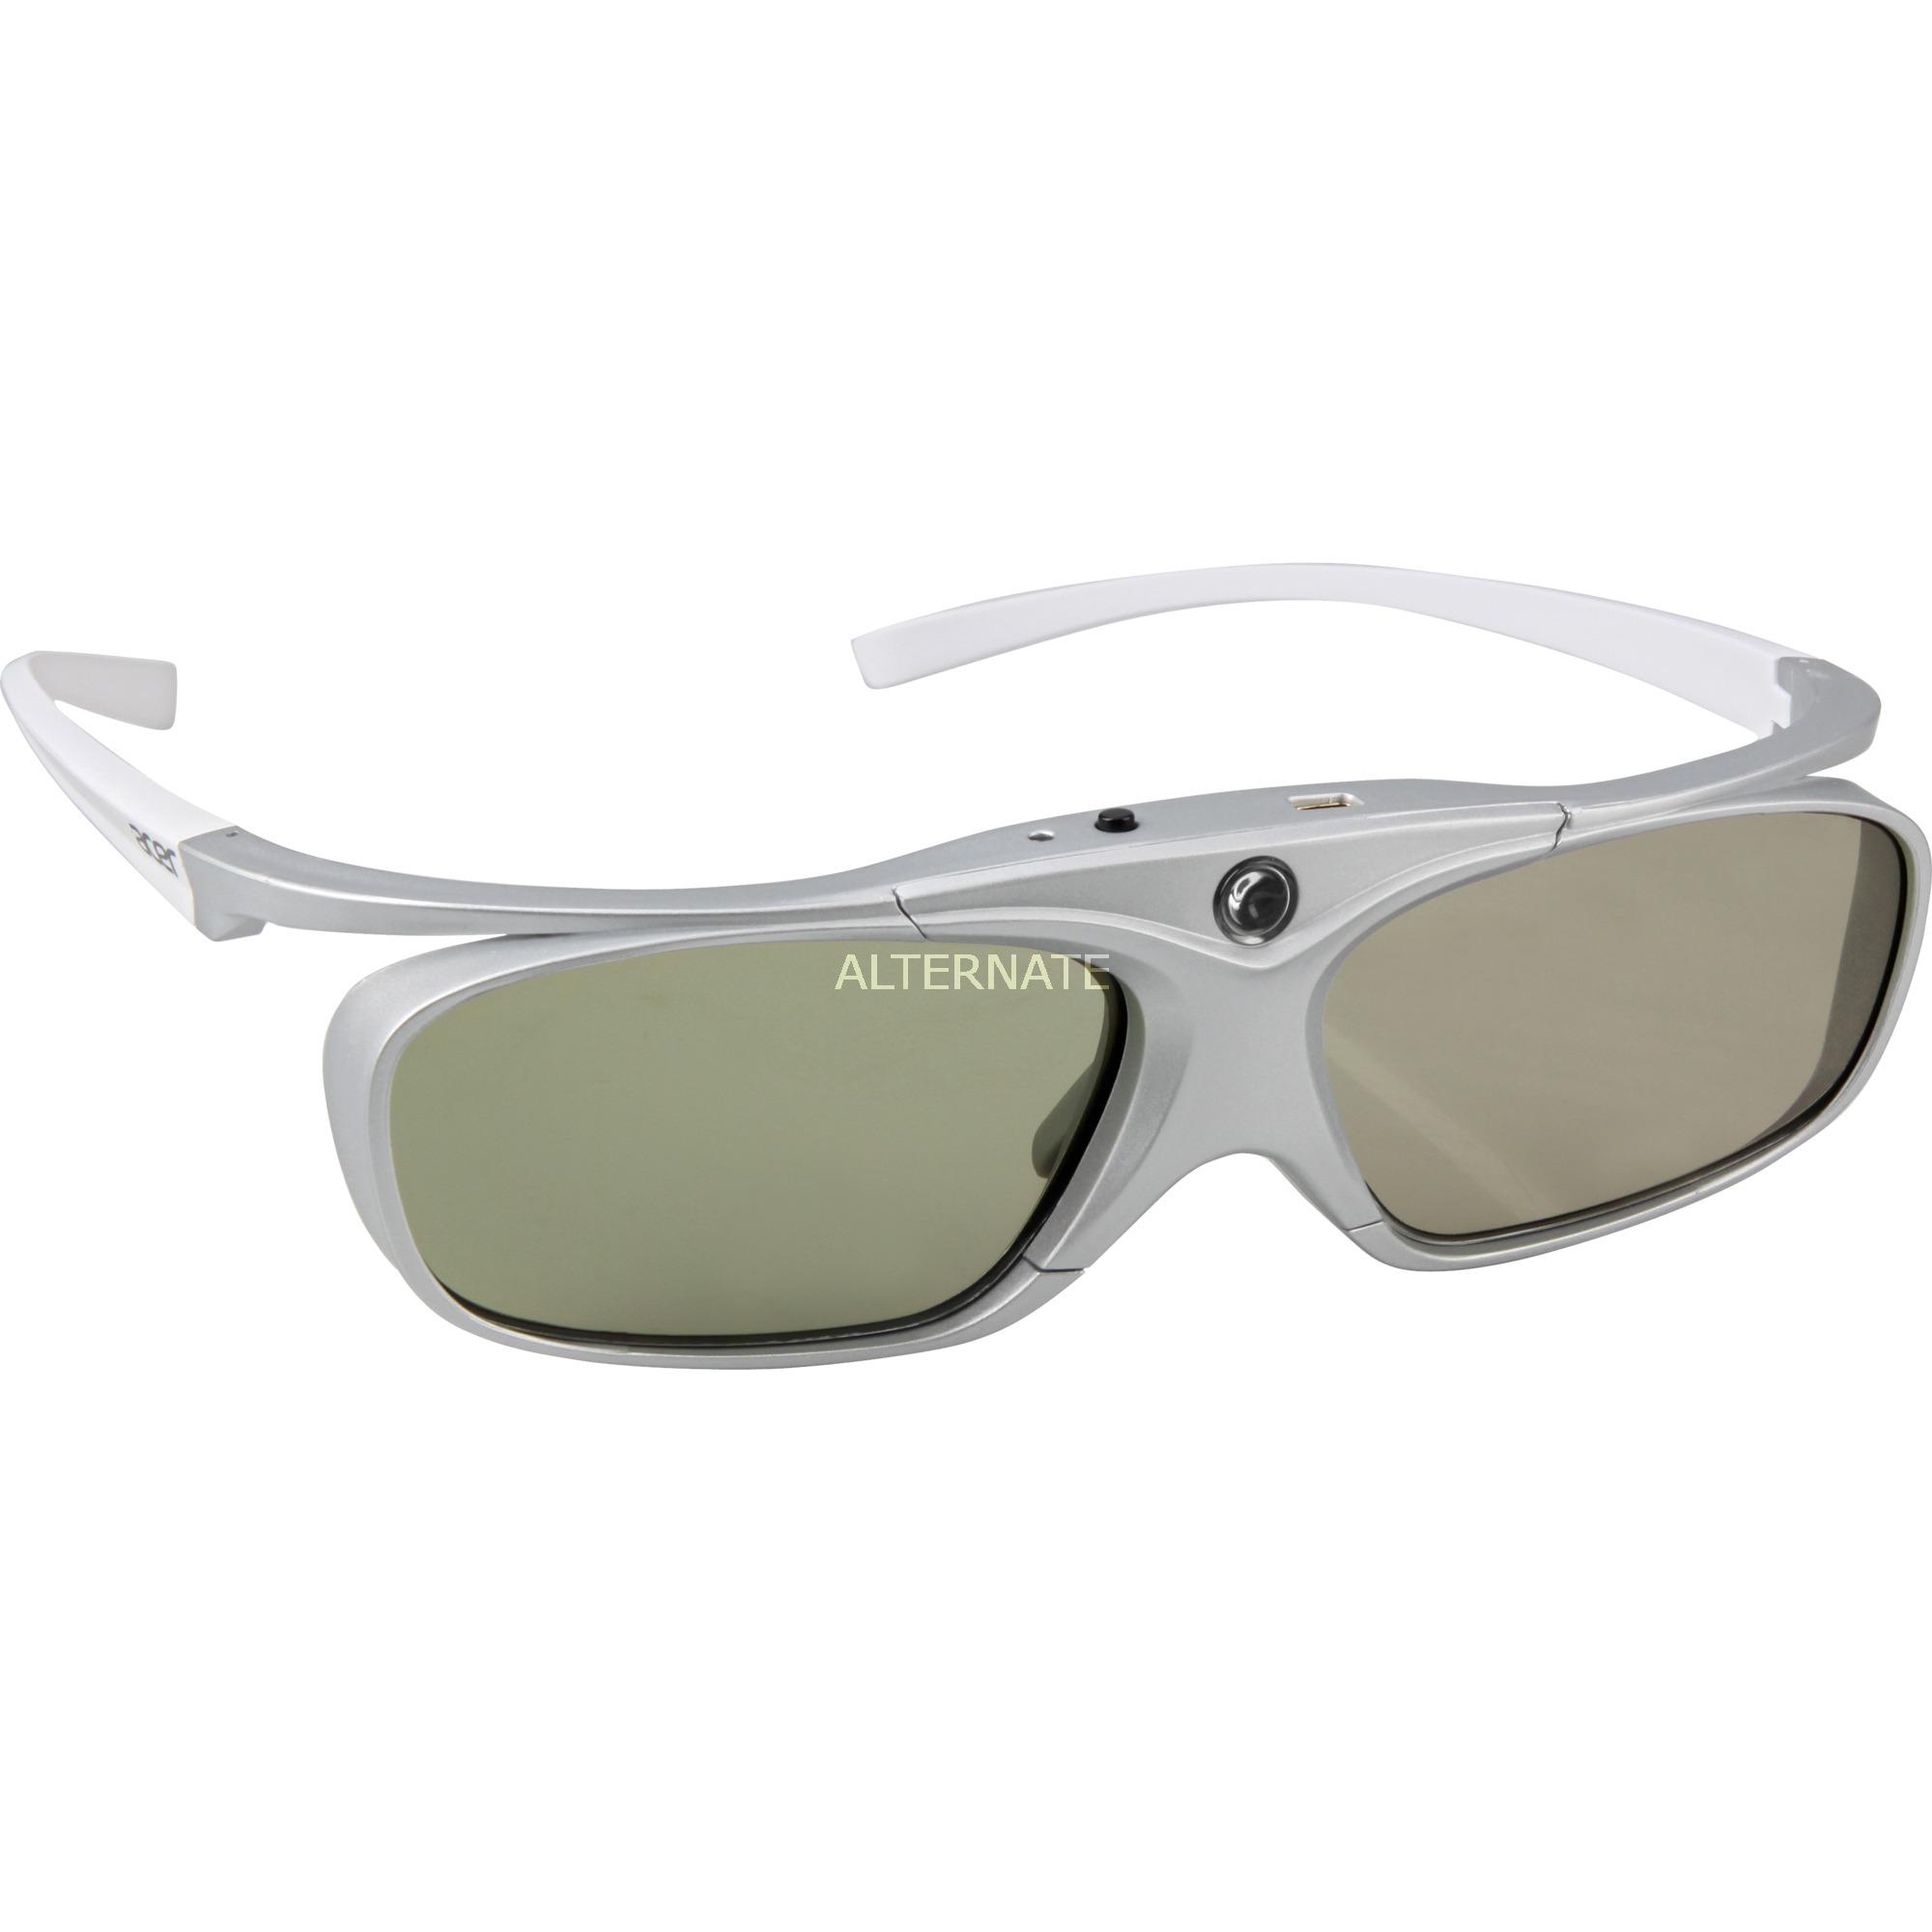 3D glasses E4w White / Silver Plata, Color blanco 1pieza(s) gafas 3D estereóscopico